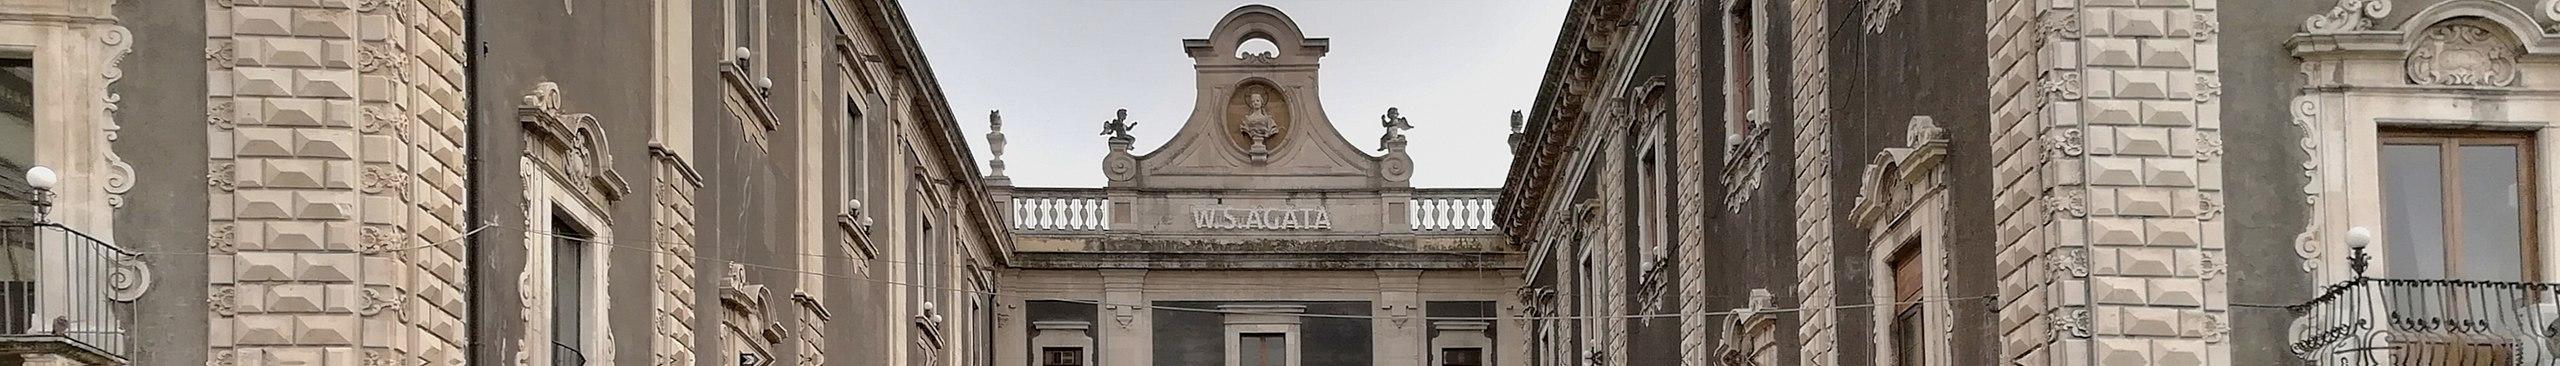 Povijesni Meteorološki podaci Banzi, Italija - Synop | Weather2Umbrella LTD - Social Weather Network.